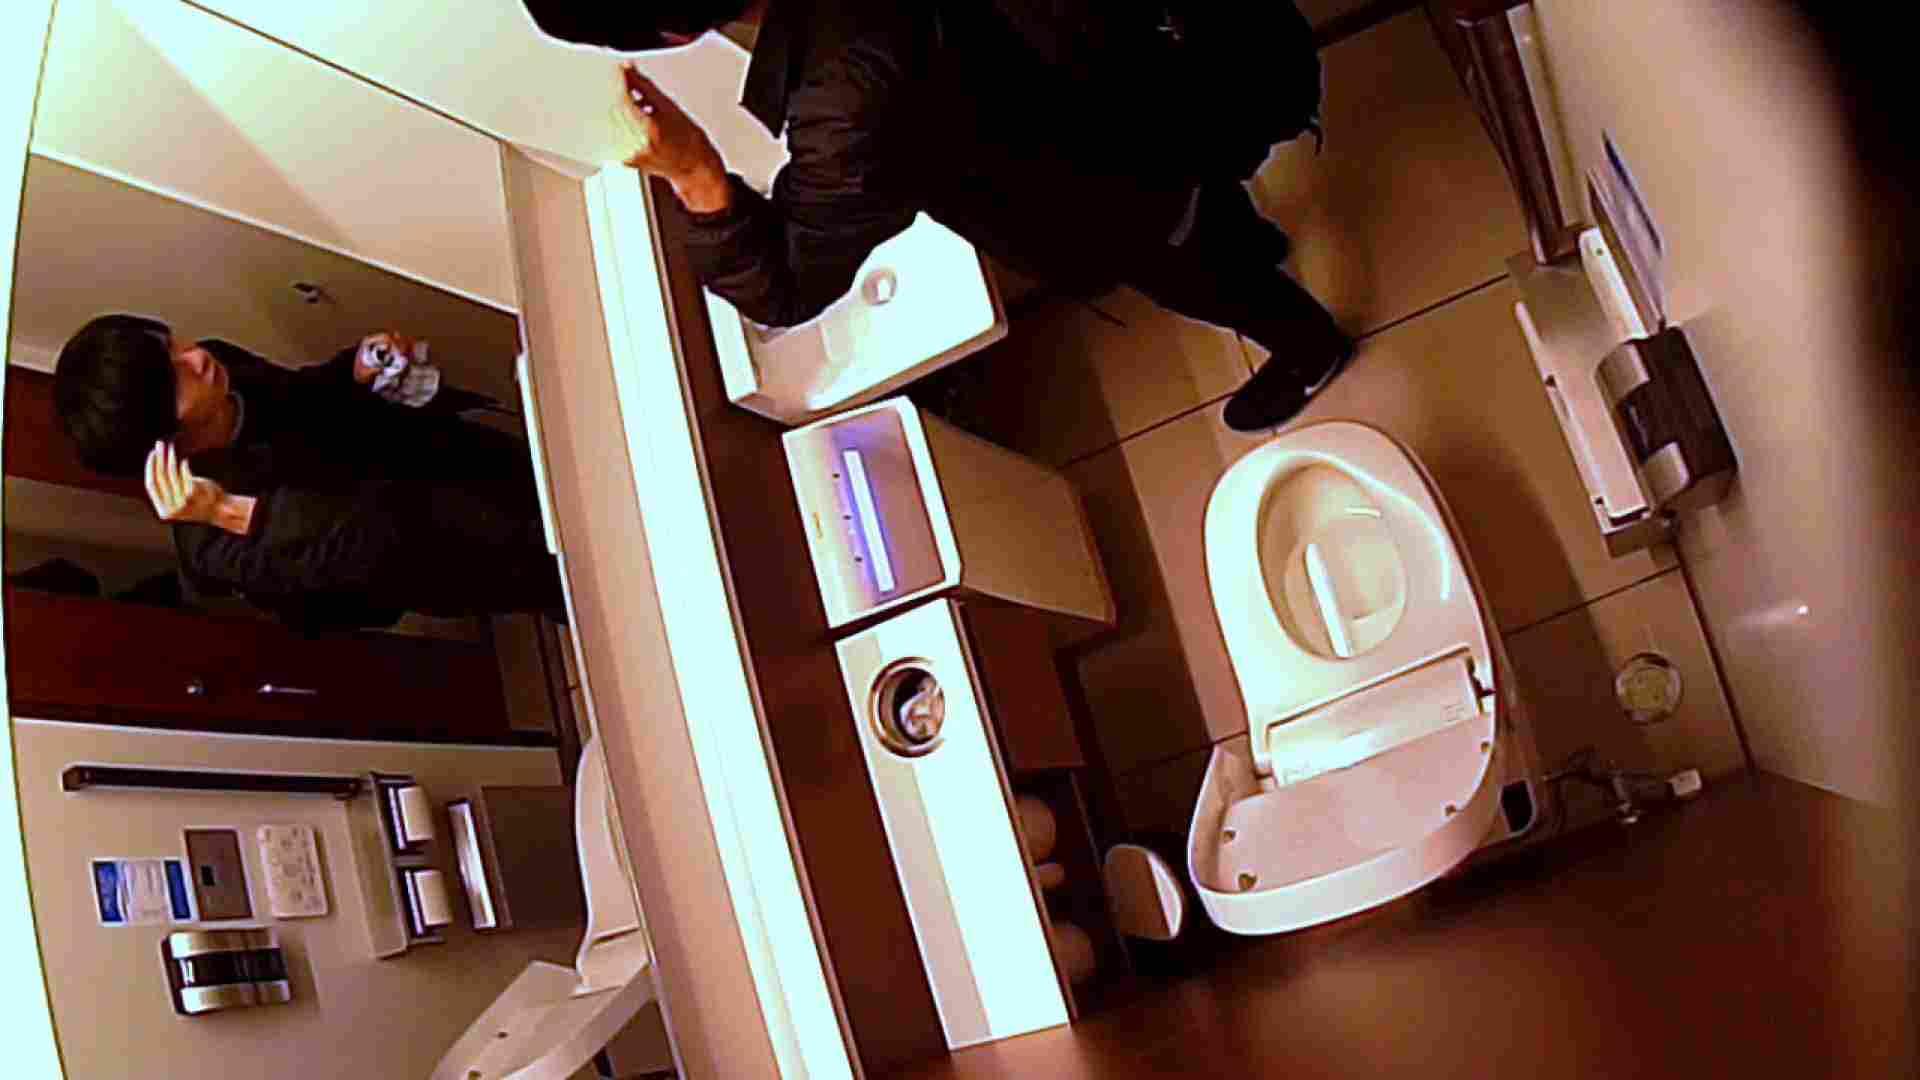 すみませんが覗かせてください Vol.32 トイレ | 0  102pic 88